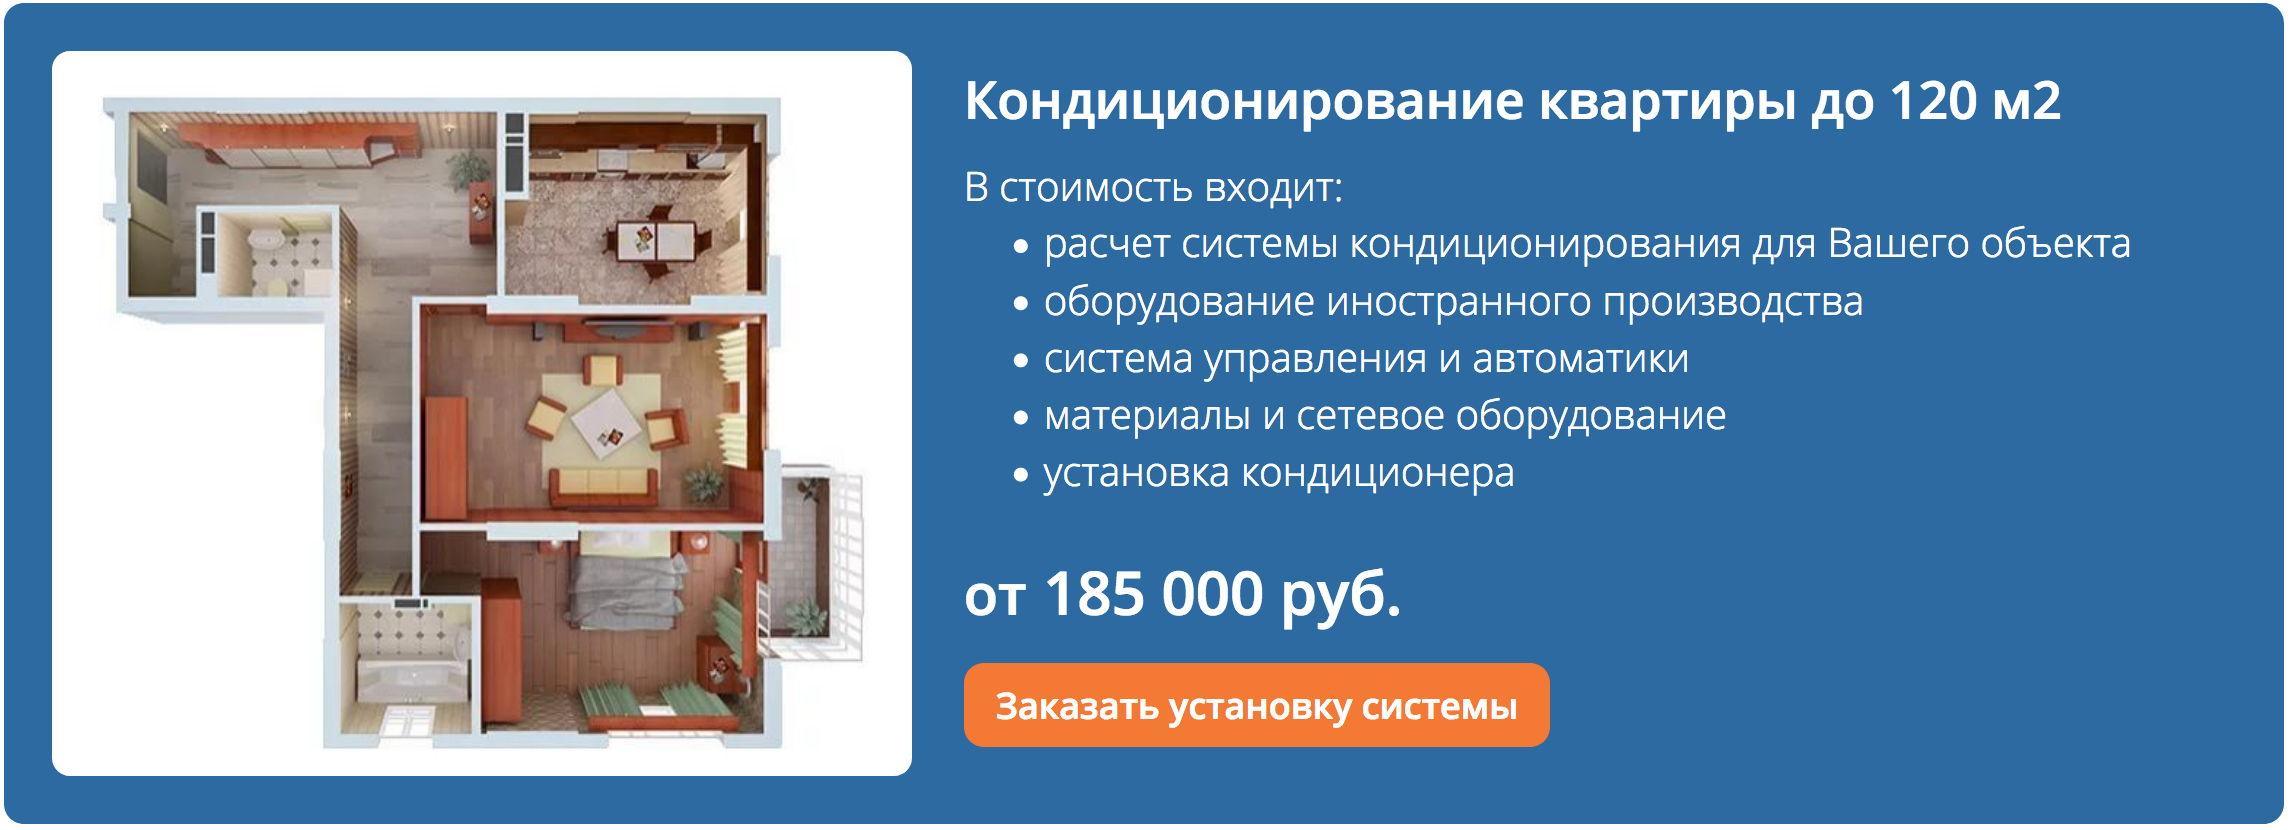 кондиционирование квартиры